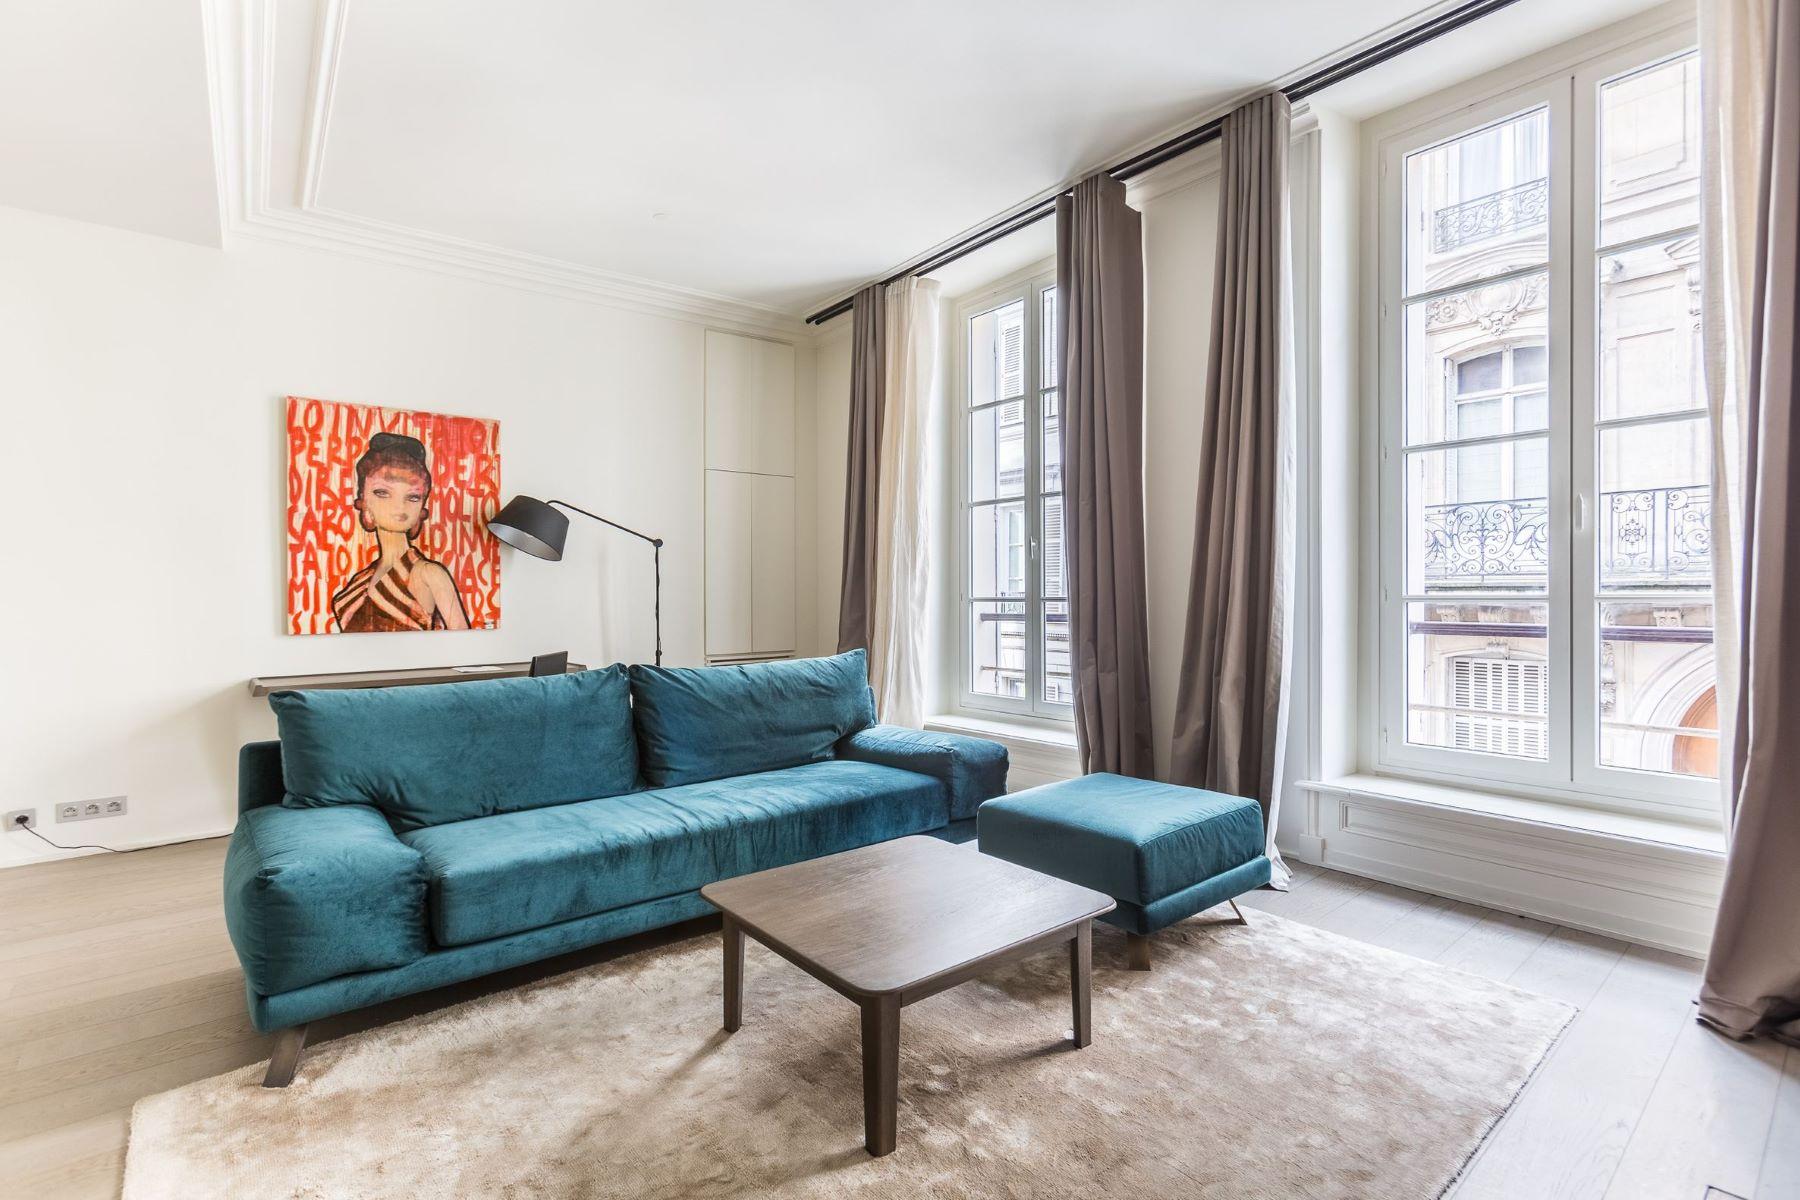 公寓 为 销售 在 Carré des Antiquaires Paris, 法兰西岛, 75007 法国